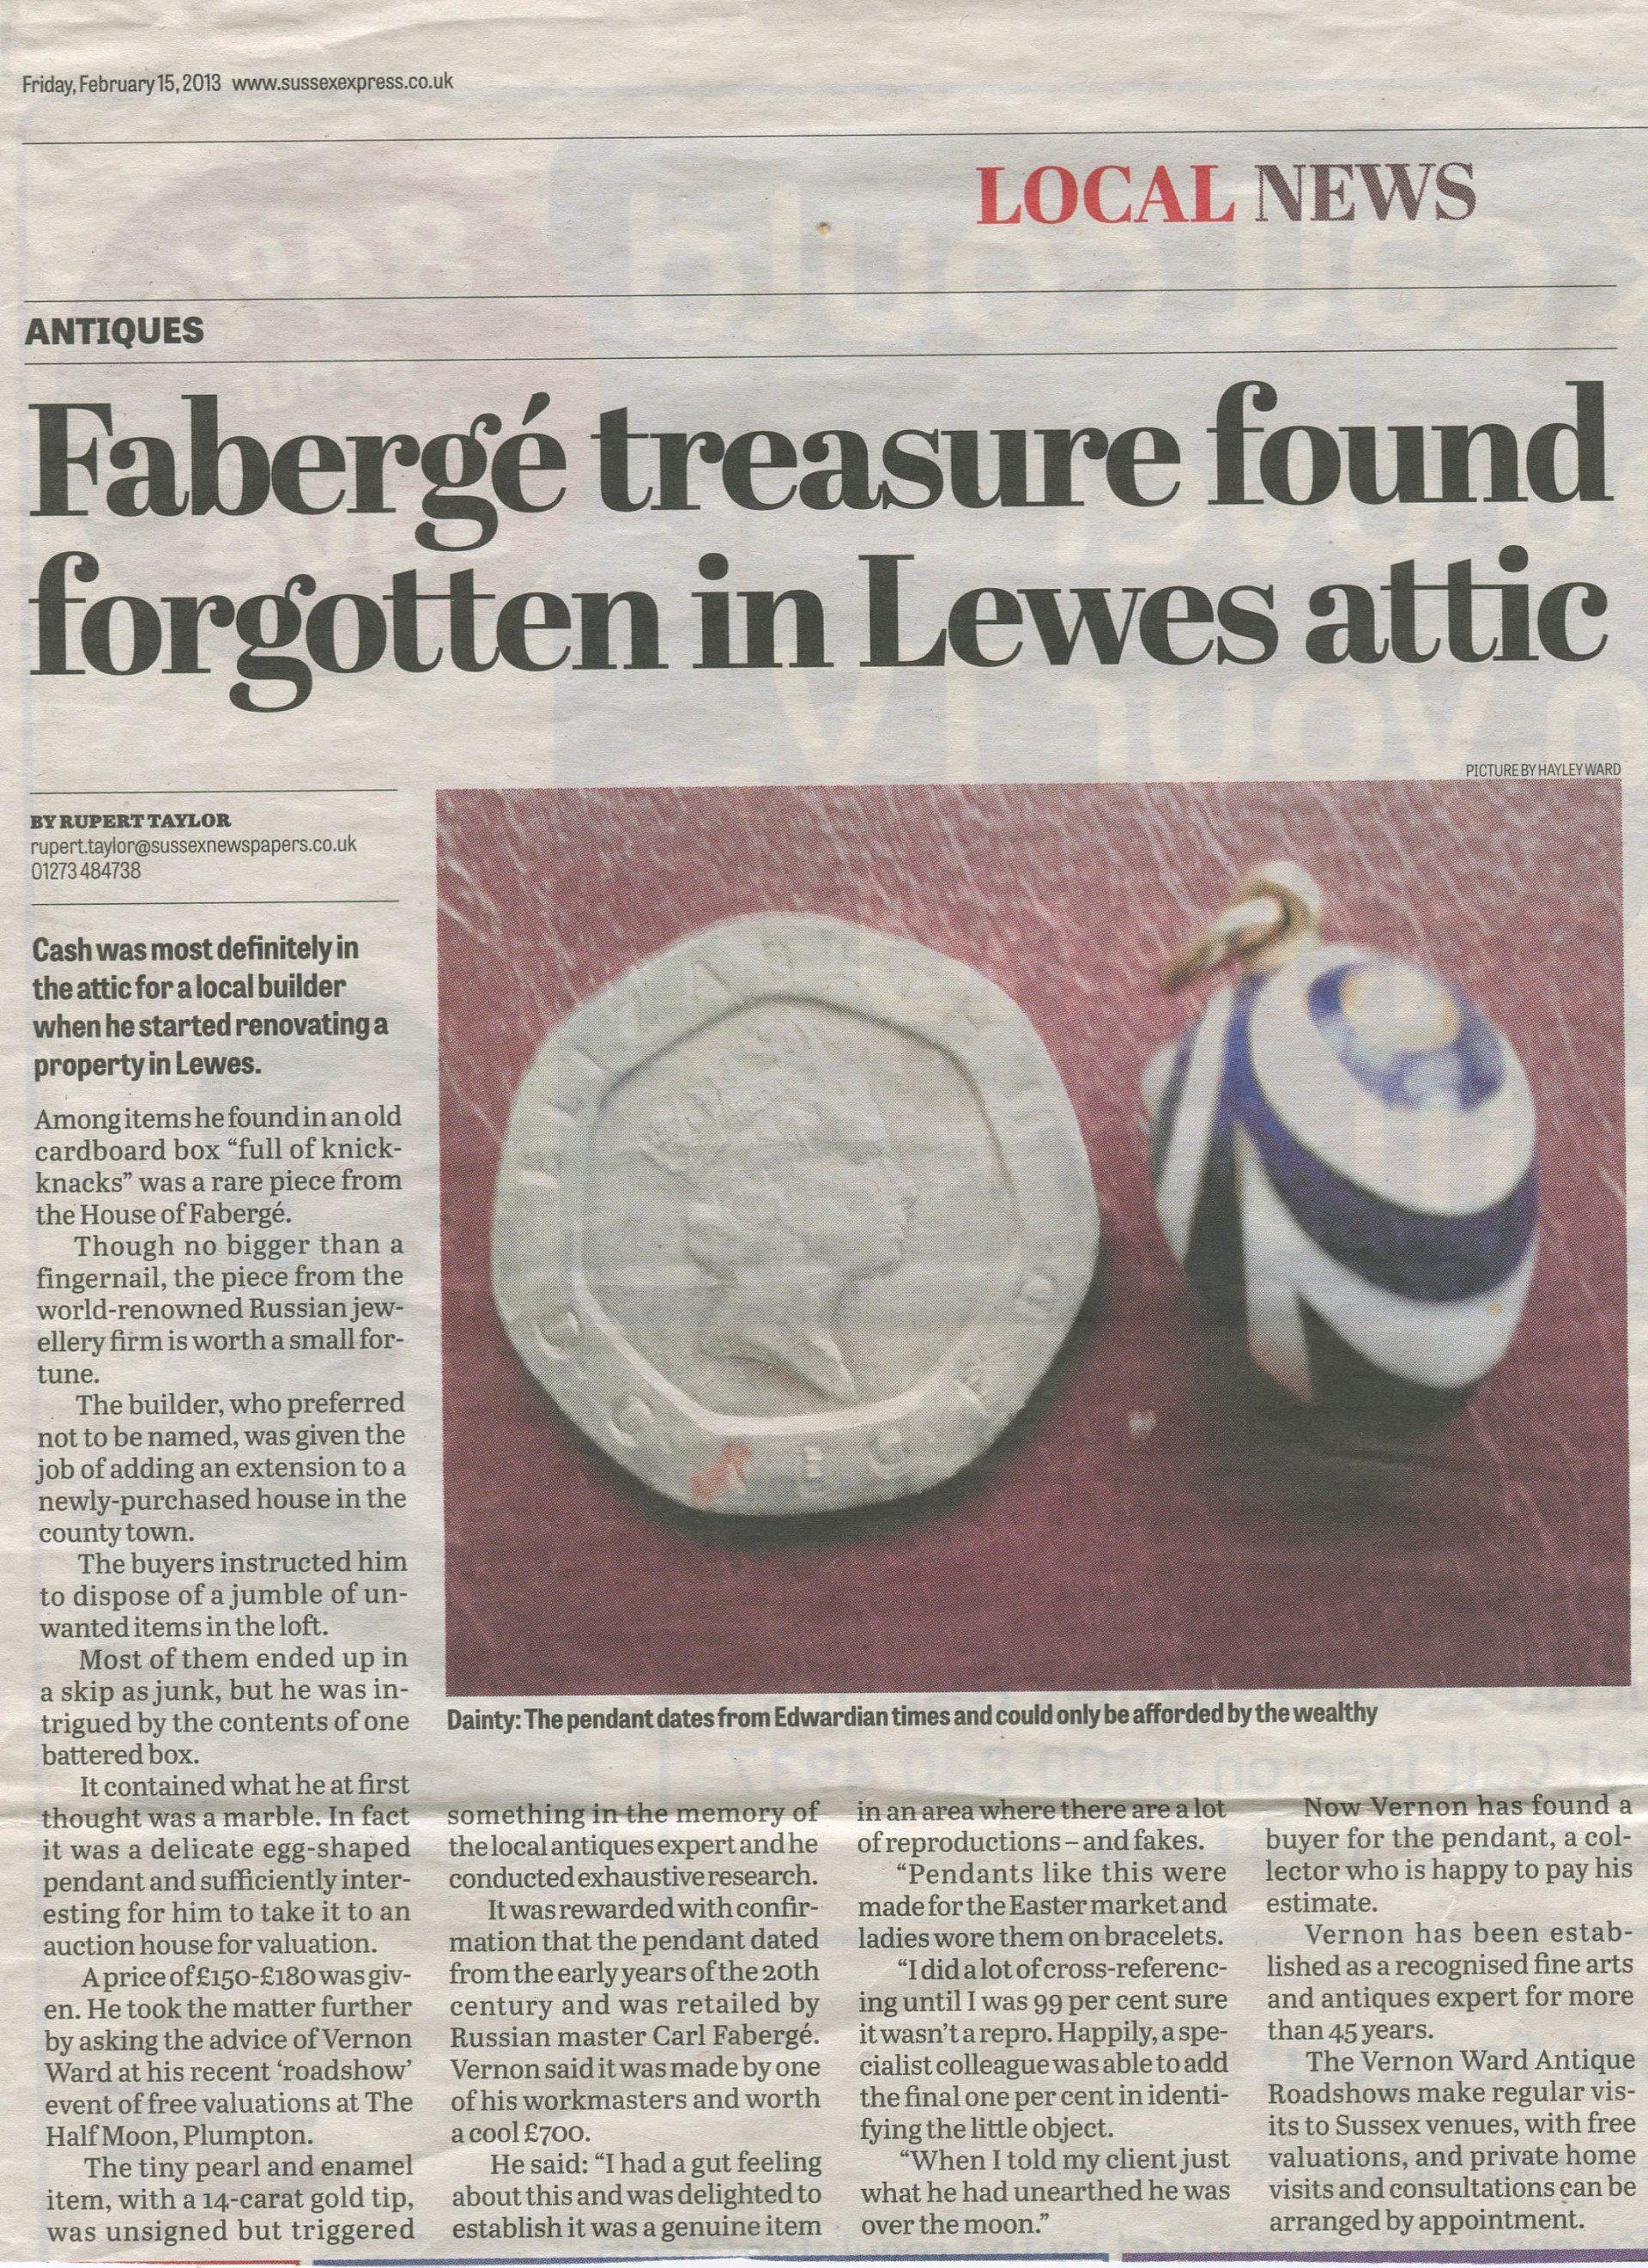 Faberge Treasure Found in Lewis Attic